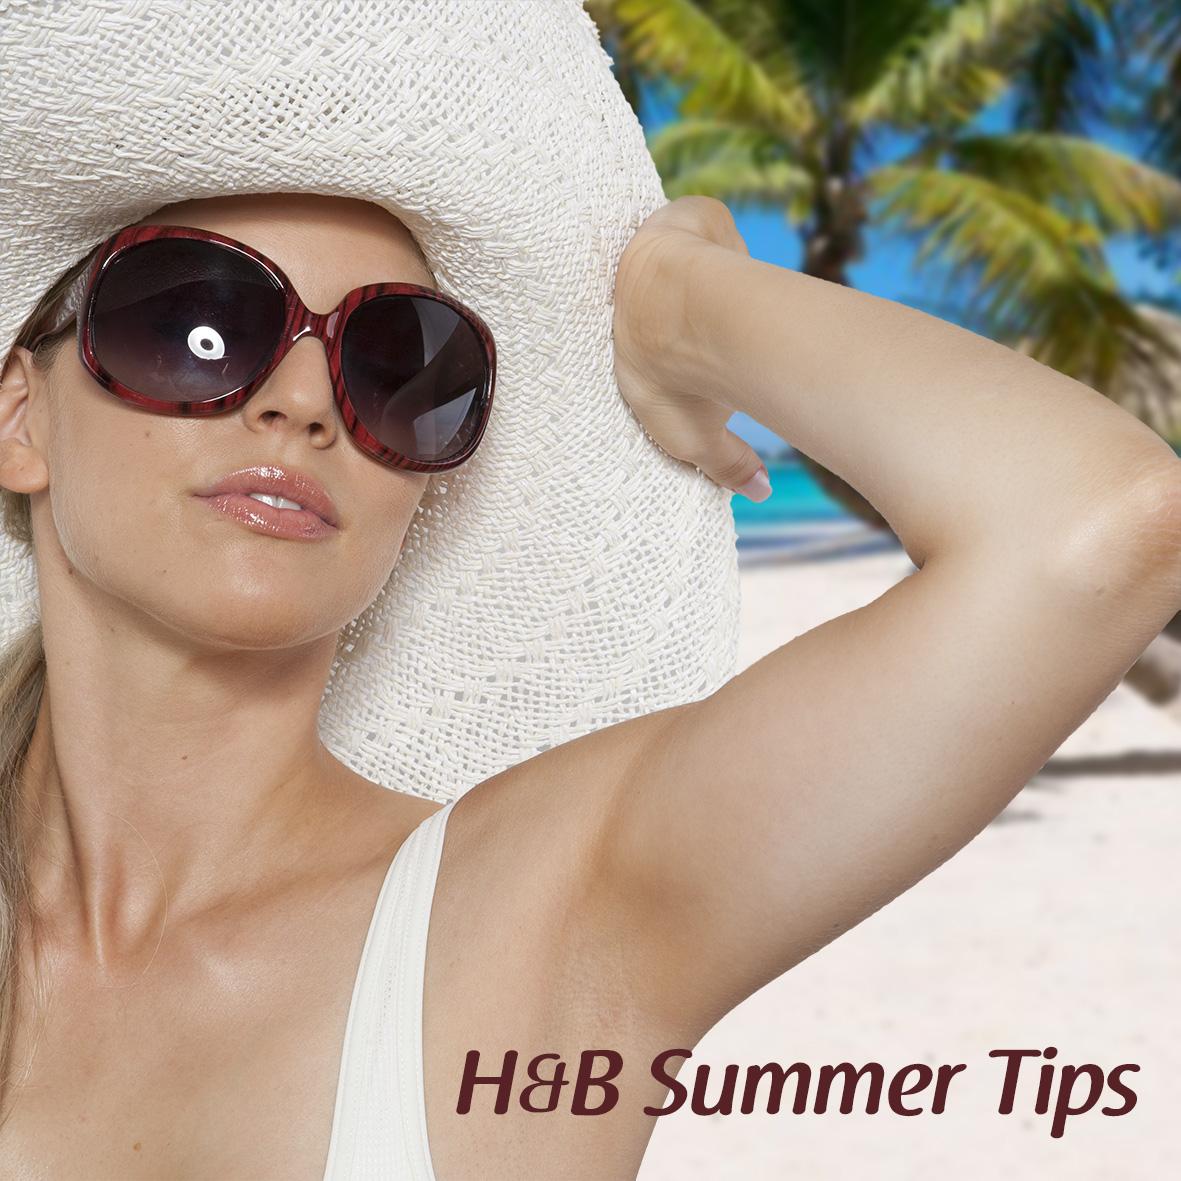 H&B Summer Tips